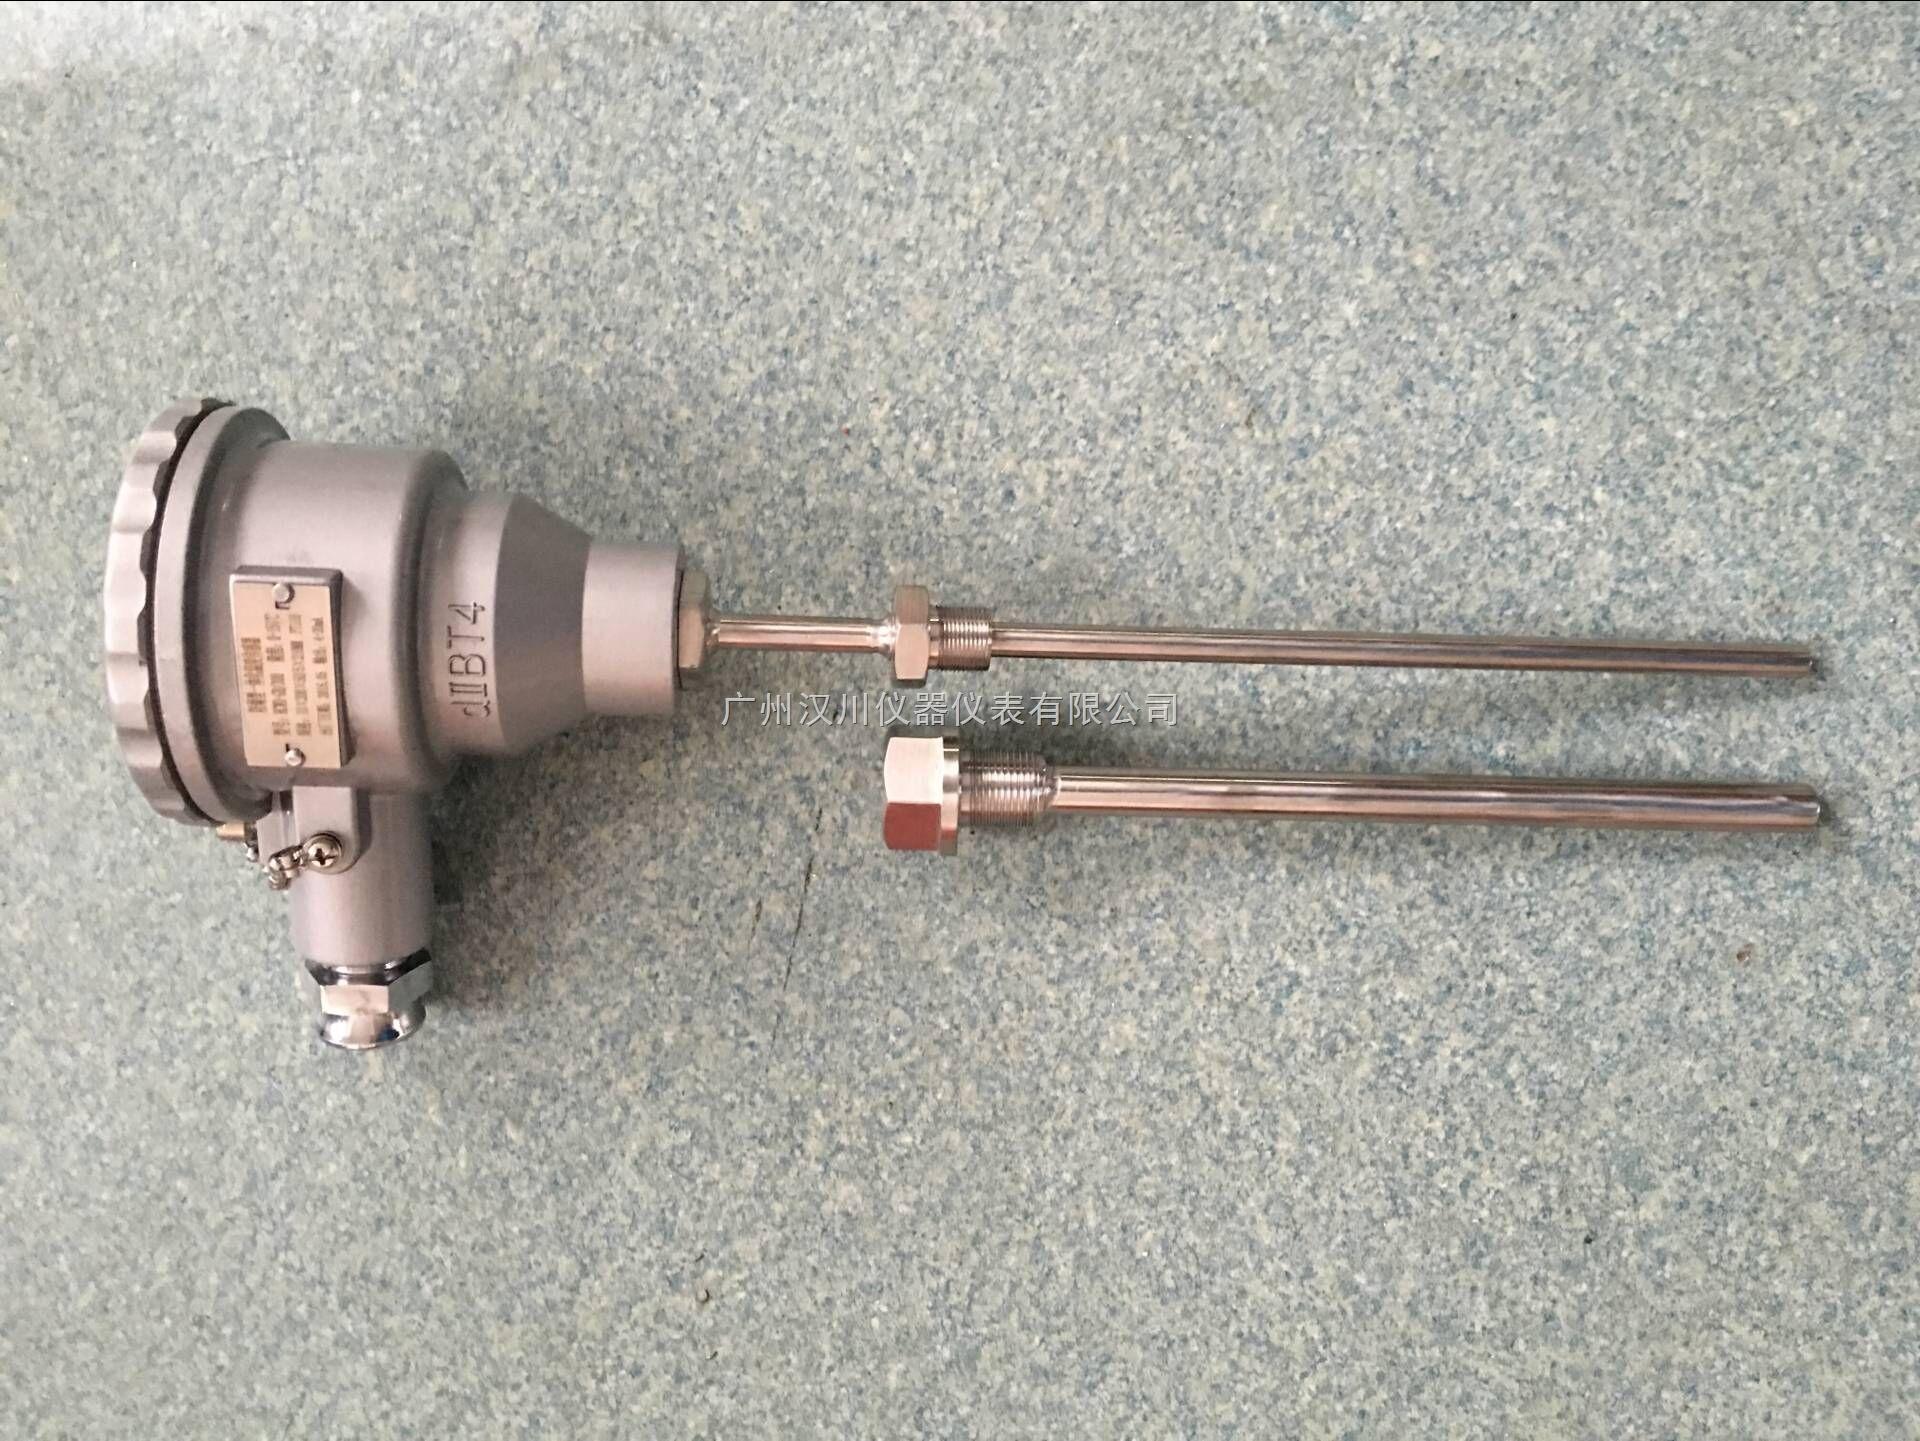 广州供应隔爆温度变送器,隔爆铠装热电偶,定制隔爆热电阻